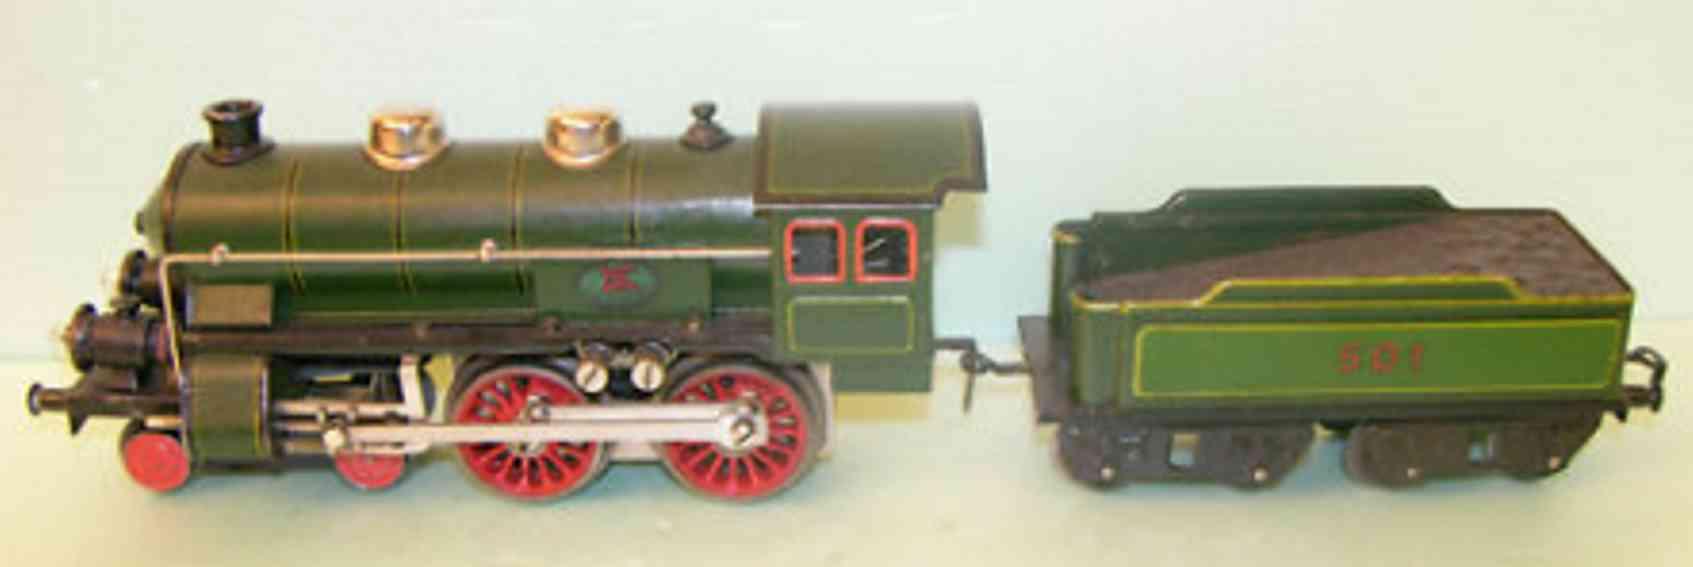 doll spielzeug eisenbahn dampflokomotive